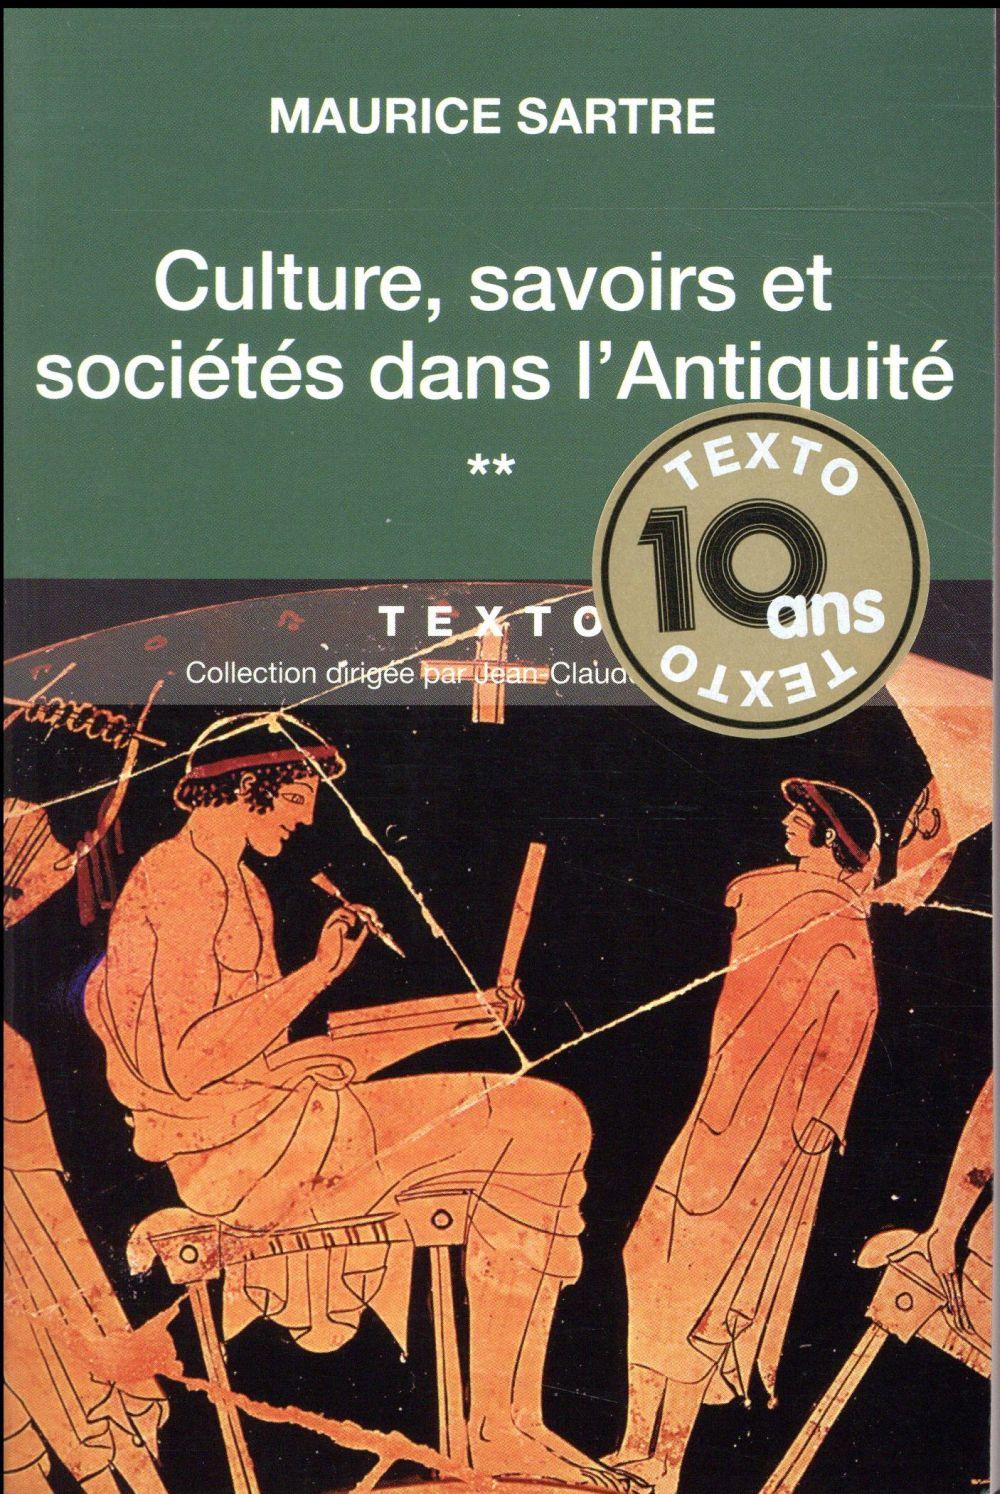 CULTURE, SAVOIRS ET SOCIETES DANS L'ANTIQUITE Sartre Maurice Tallandier